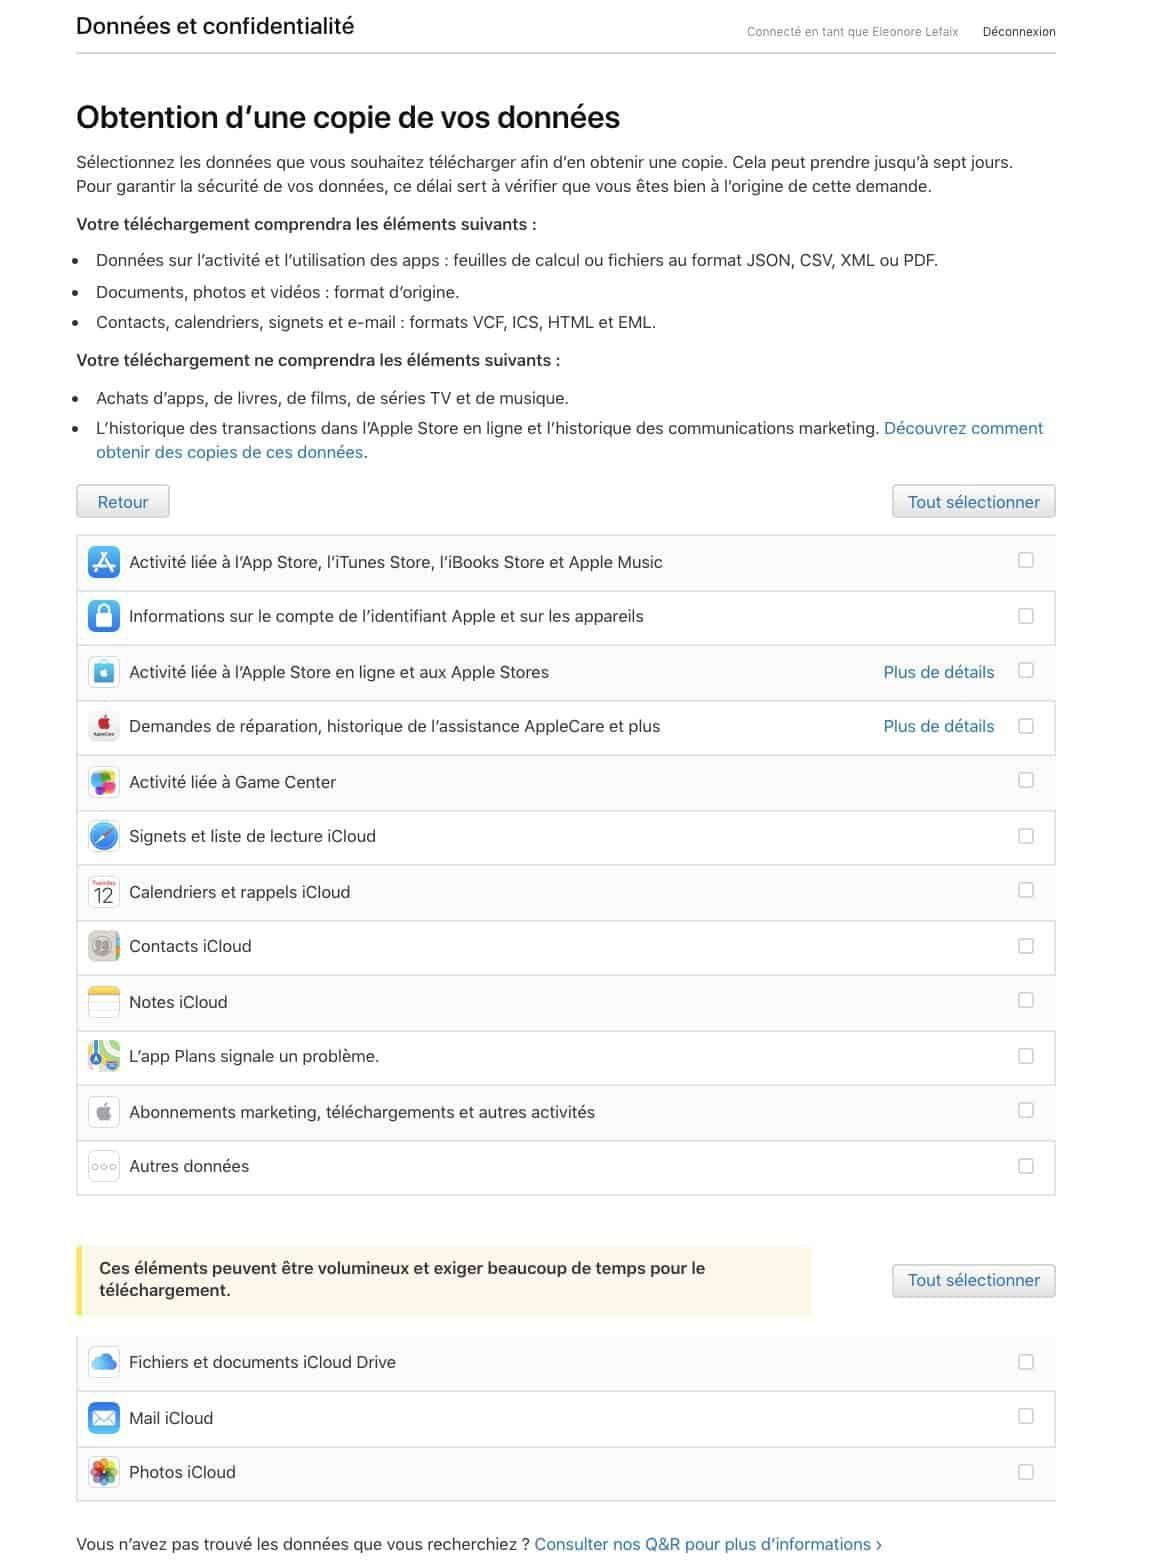 Il est désormais possible d'obtenir une copie des données dont Apple dispose